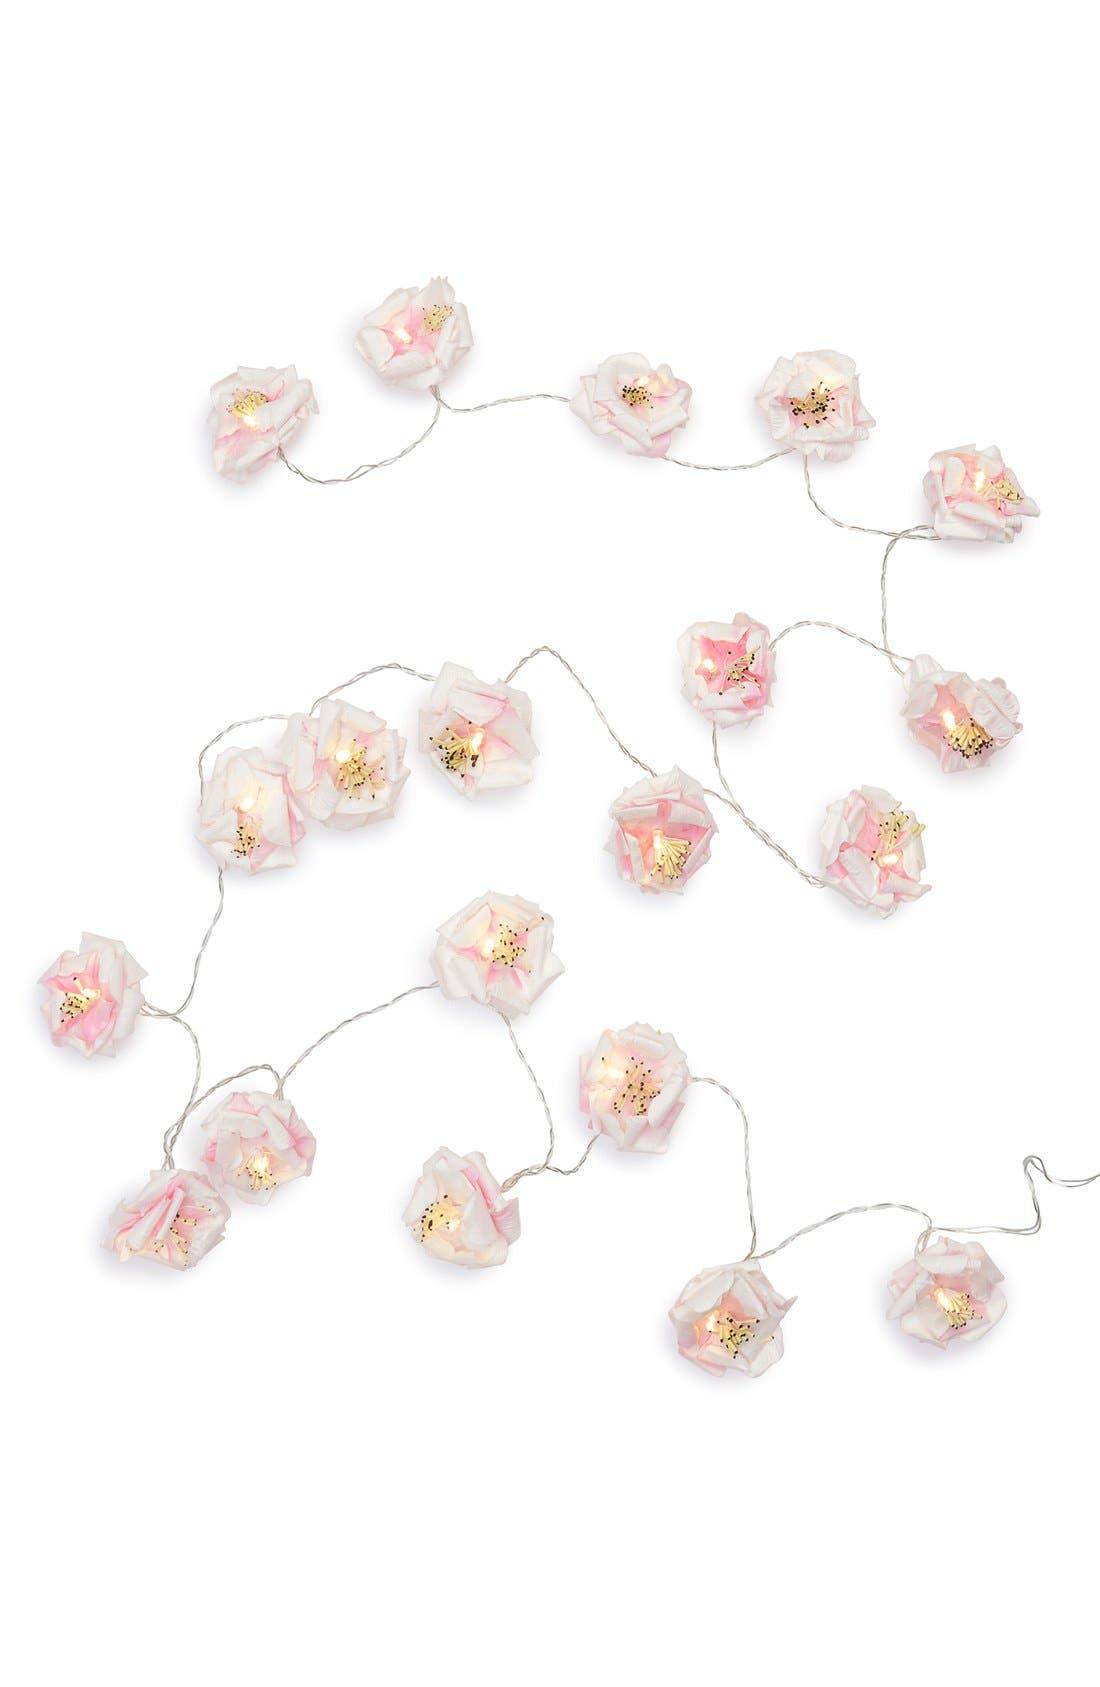 Main Image - Talking Tables 'Blossom' Light String